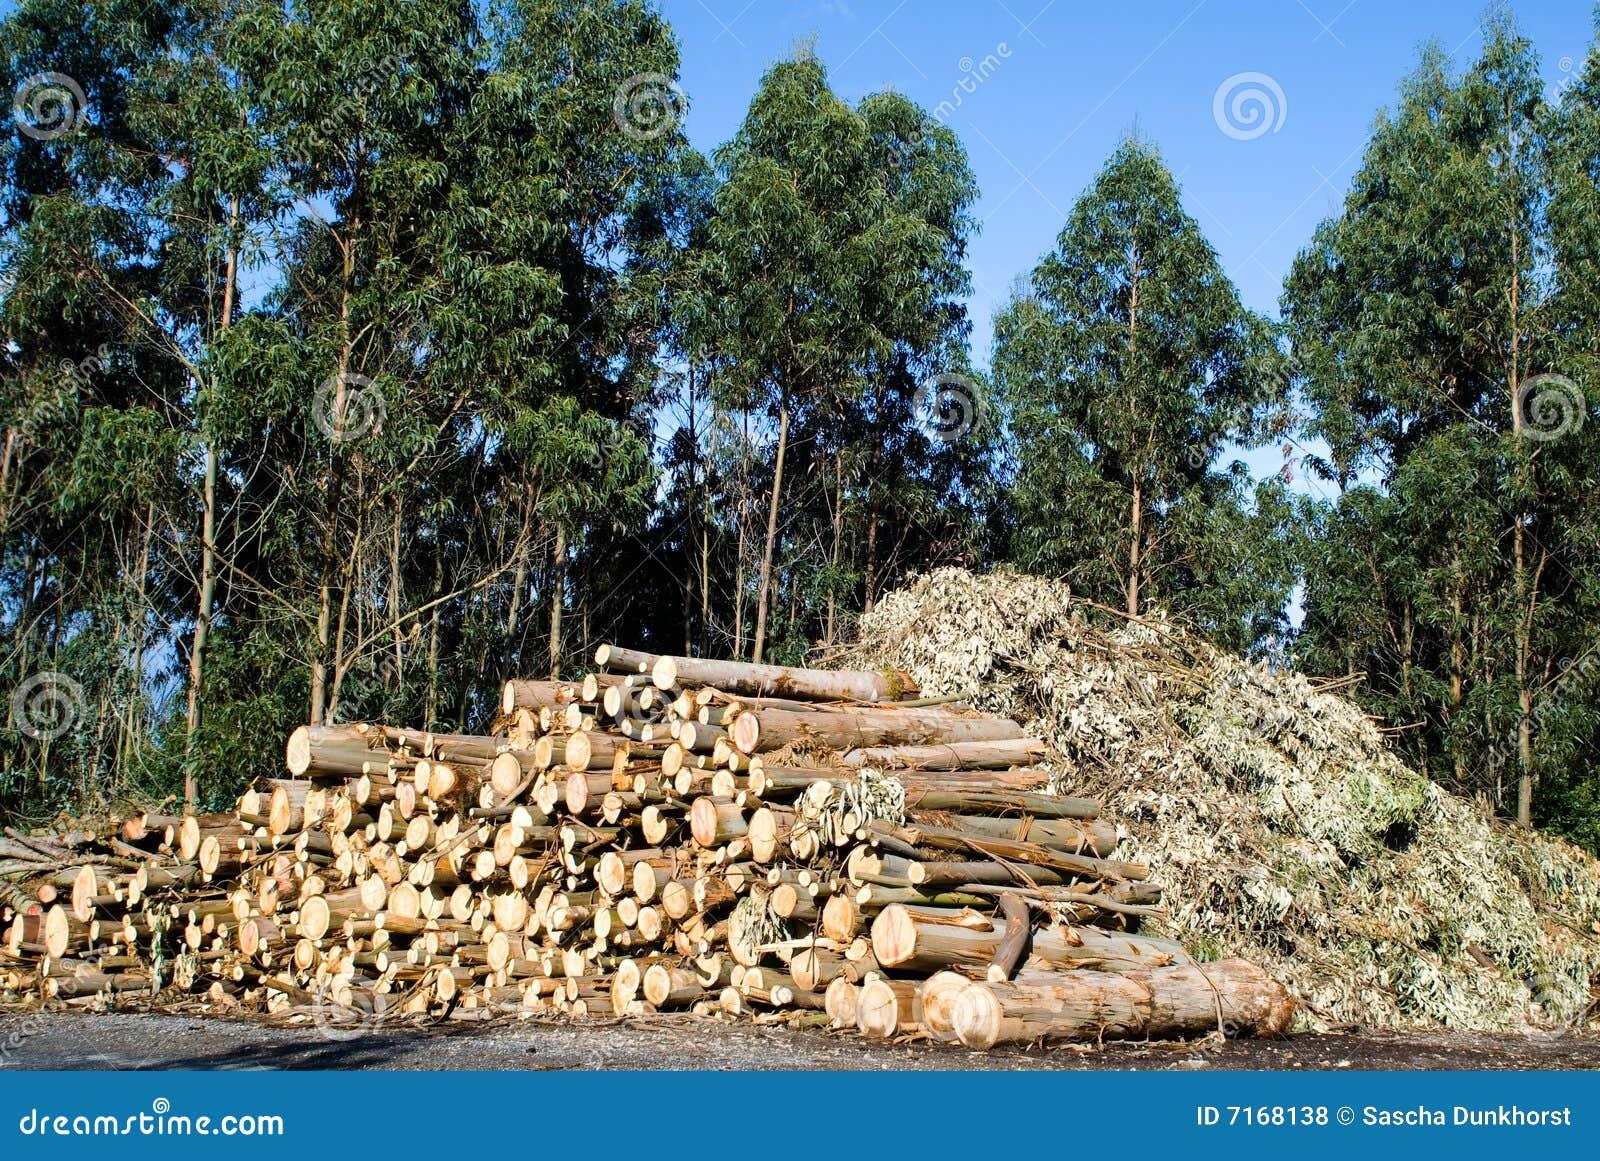 Het hout van de eucalyptus